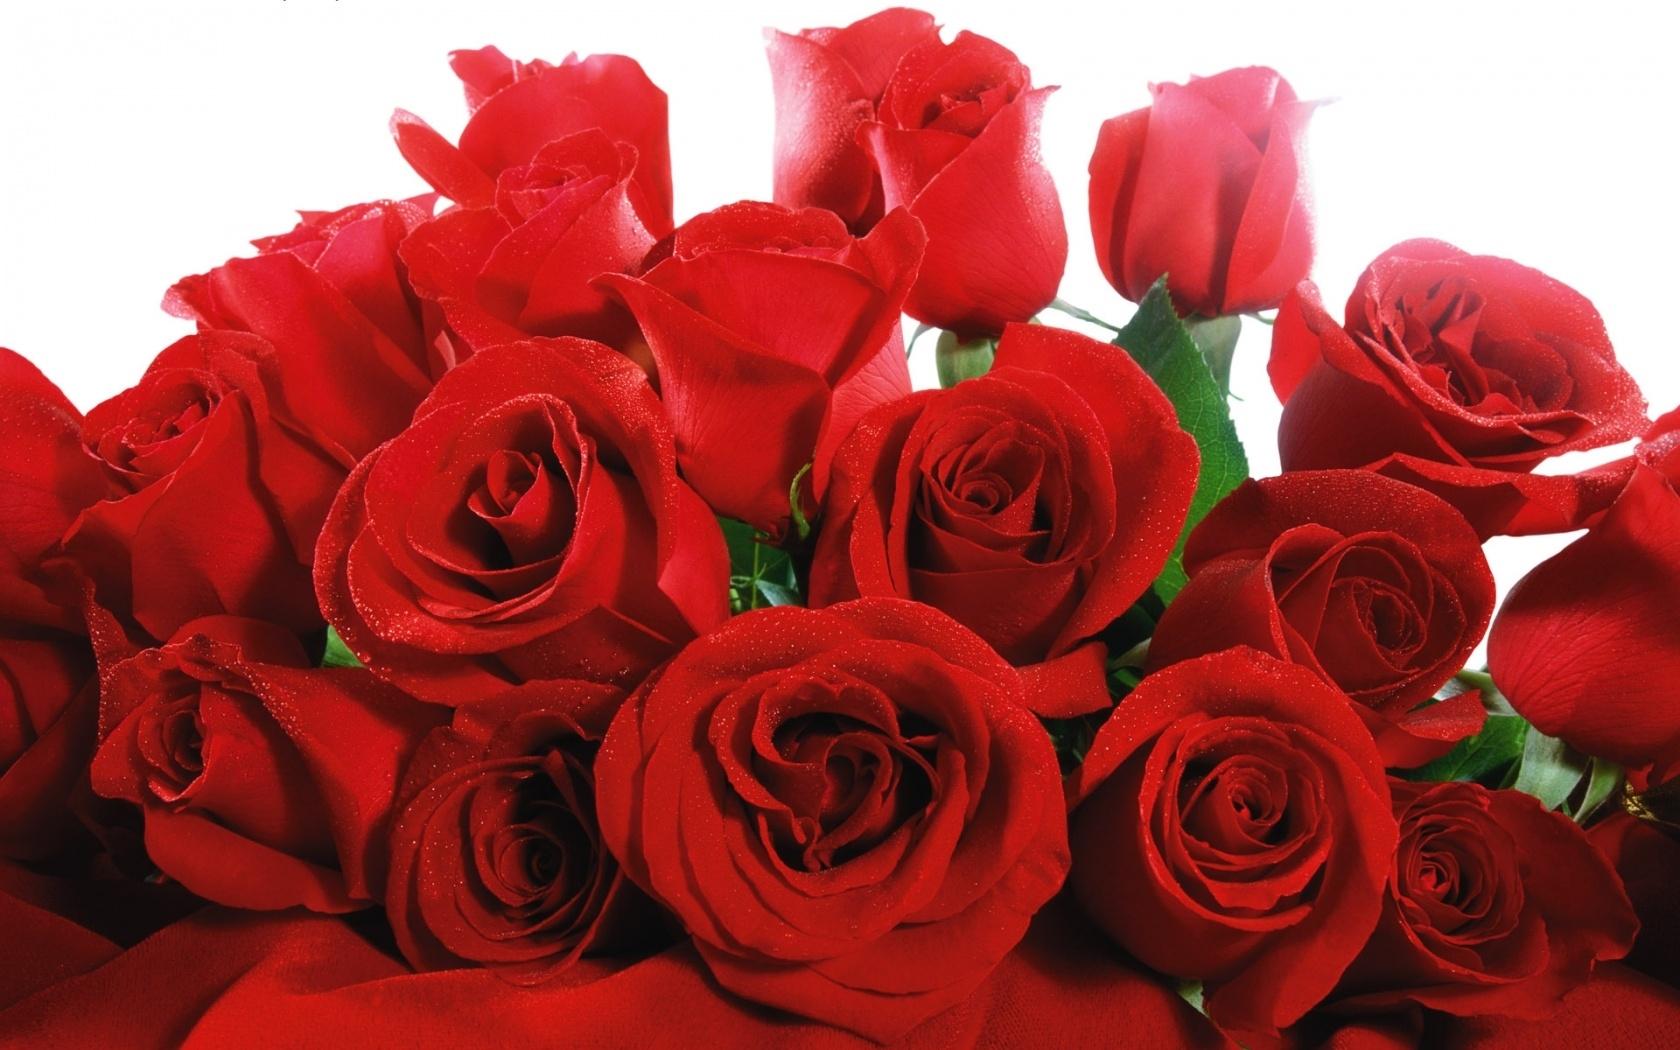 Скачать картинку Растения, Цветы, Розы в телефон бесплатно.